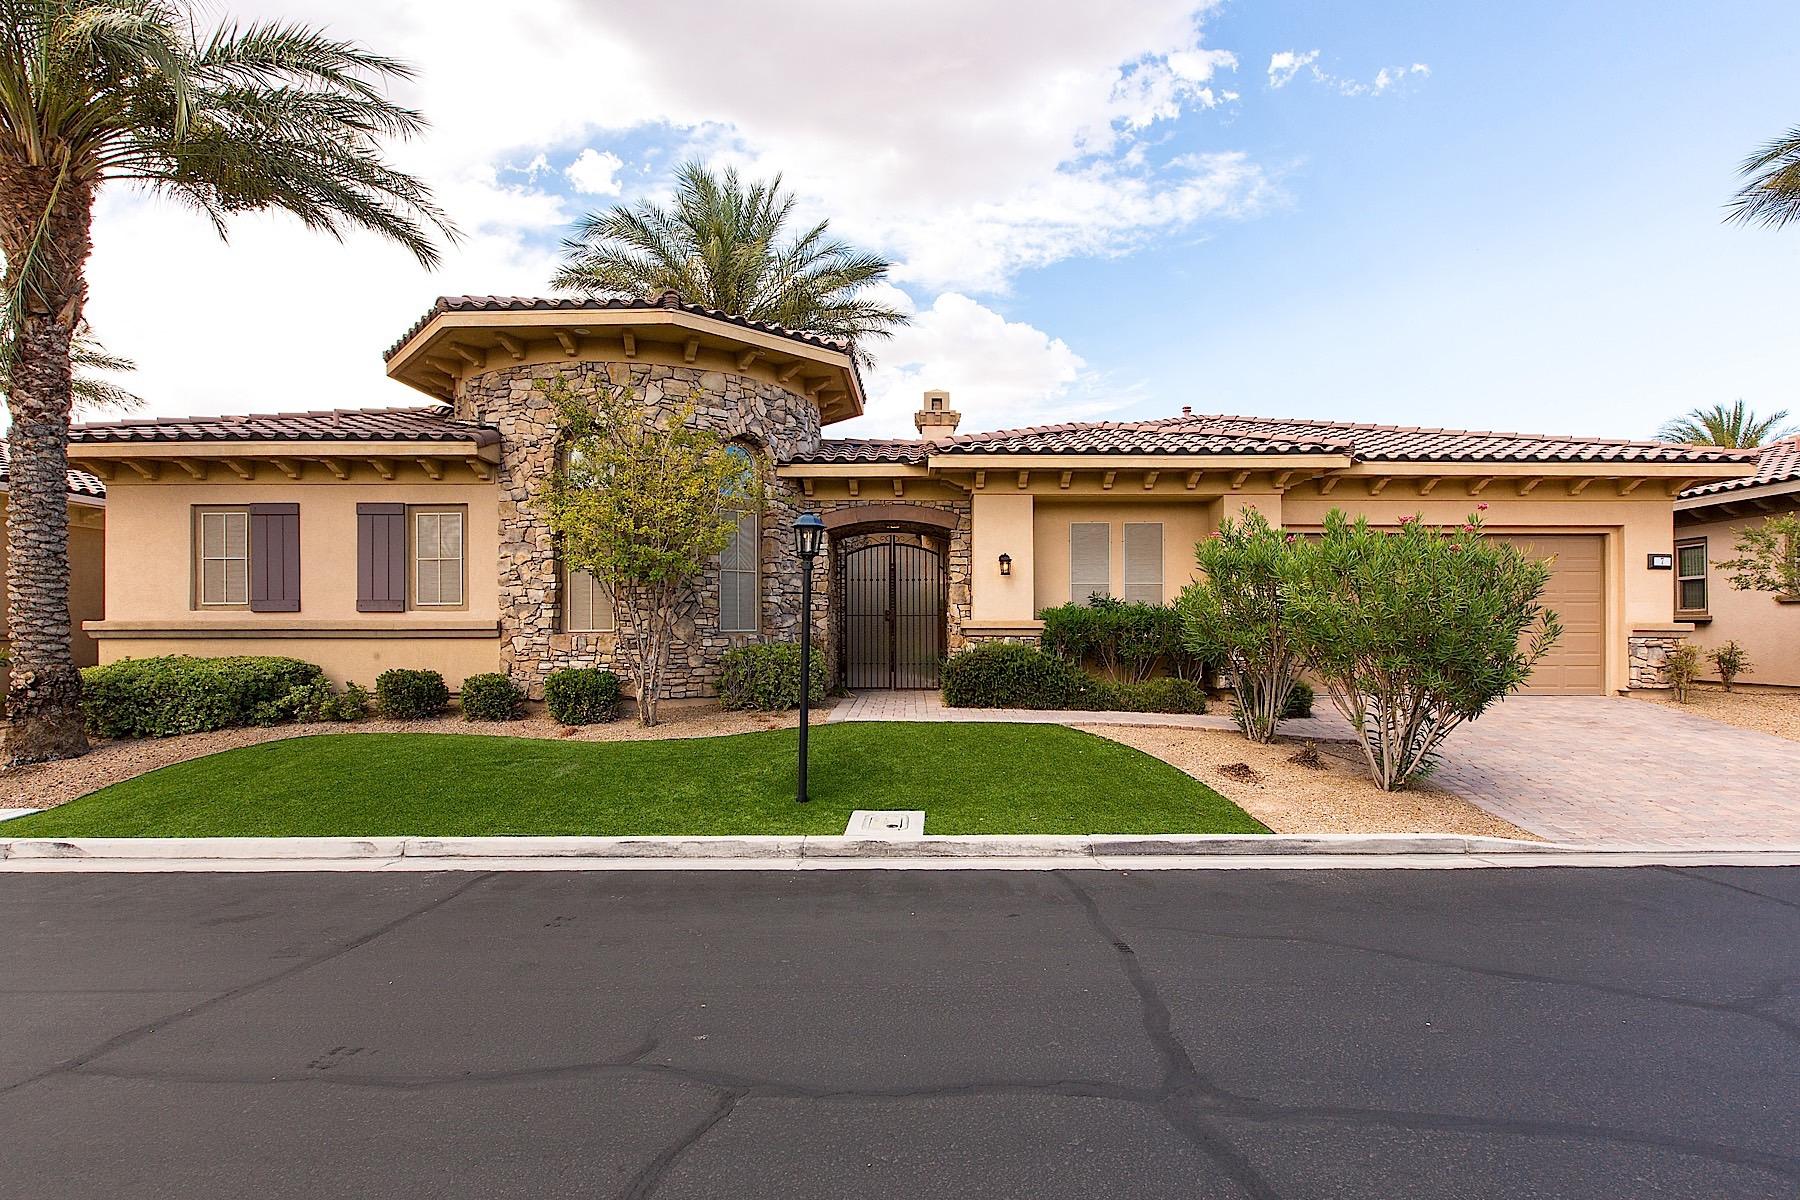 Nhà ở một gia đình vì Bán tại 7 Avenida Casatino Henderson, Nevada, 89011 Hoa Kỳ